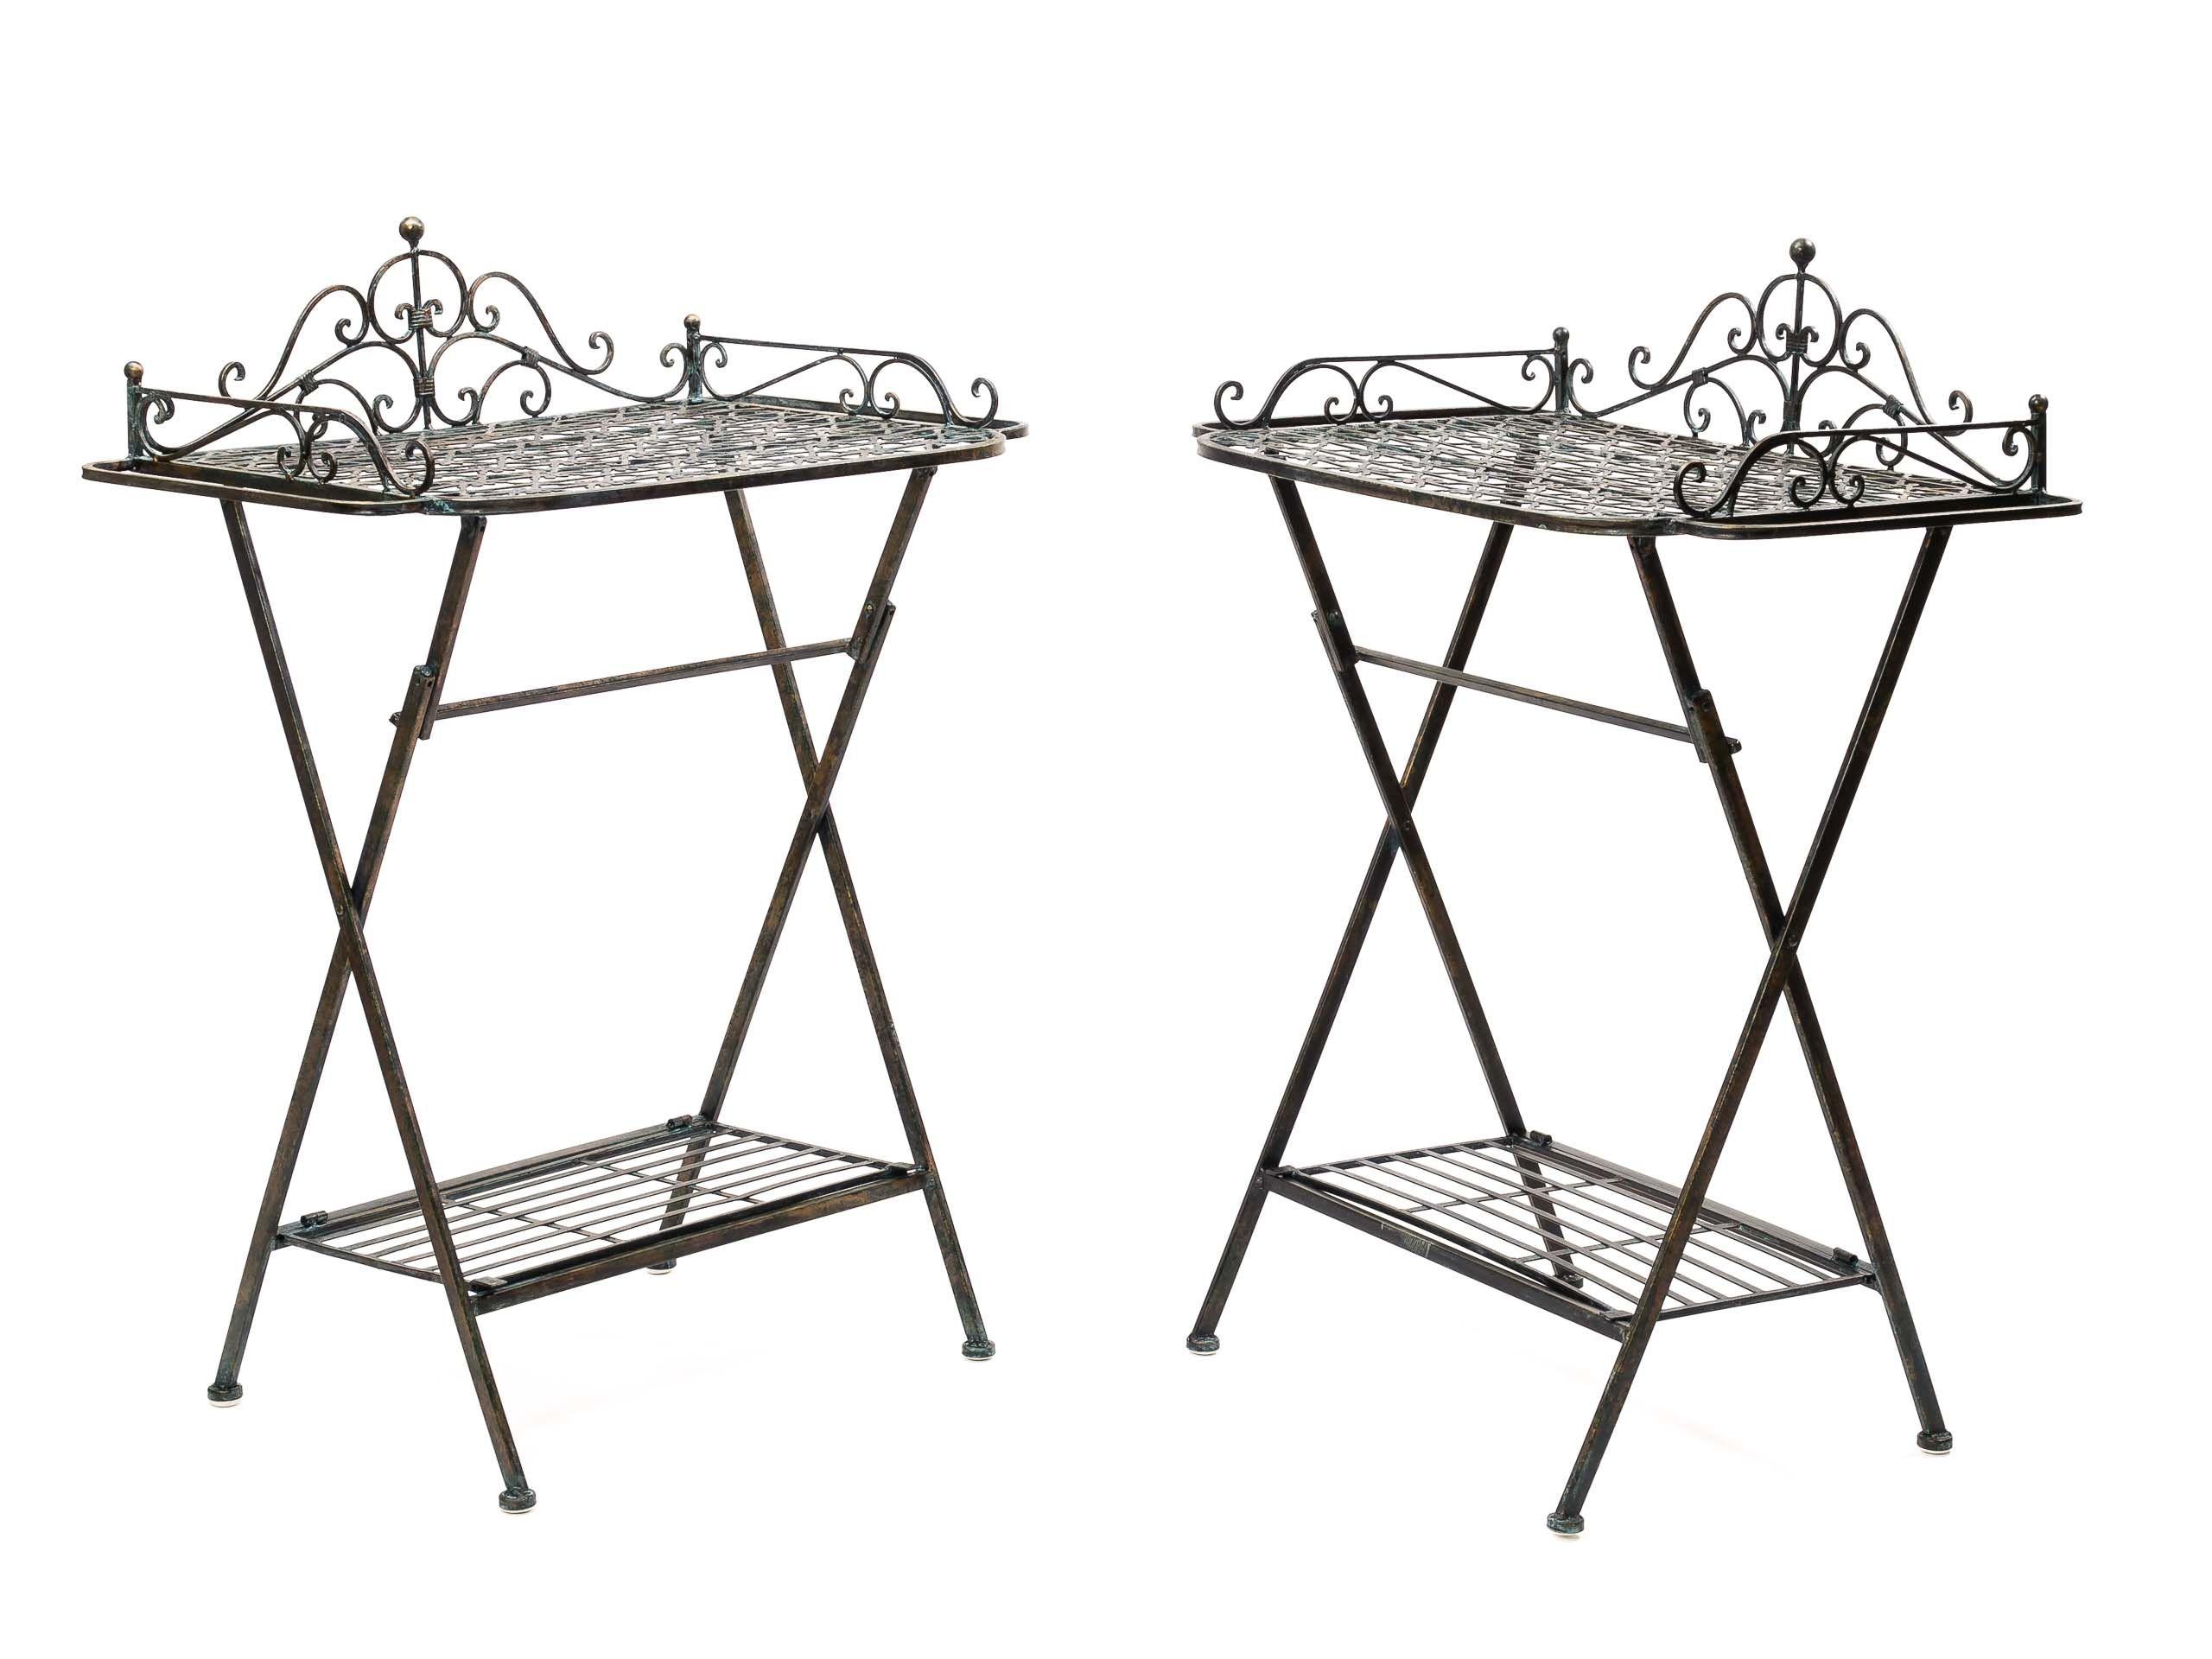 Gartentisch Gusseisen 72cm Tisch Beistelltisch Eisen Antik Stil Braun Gartentisch Beistelltisch Antik